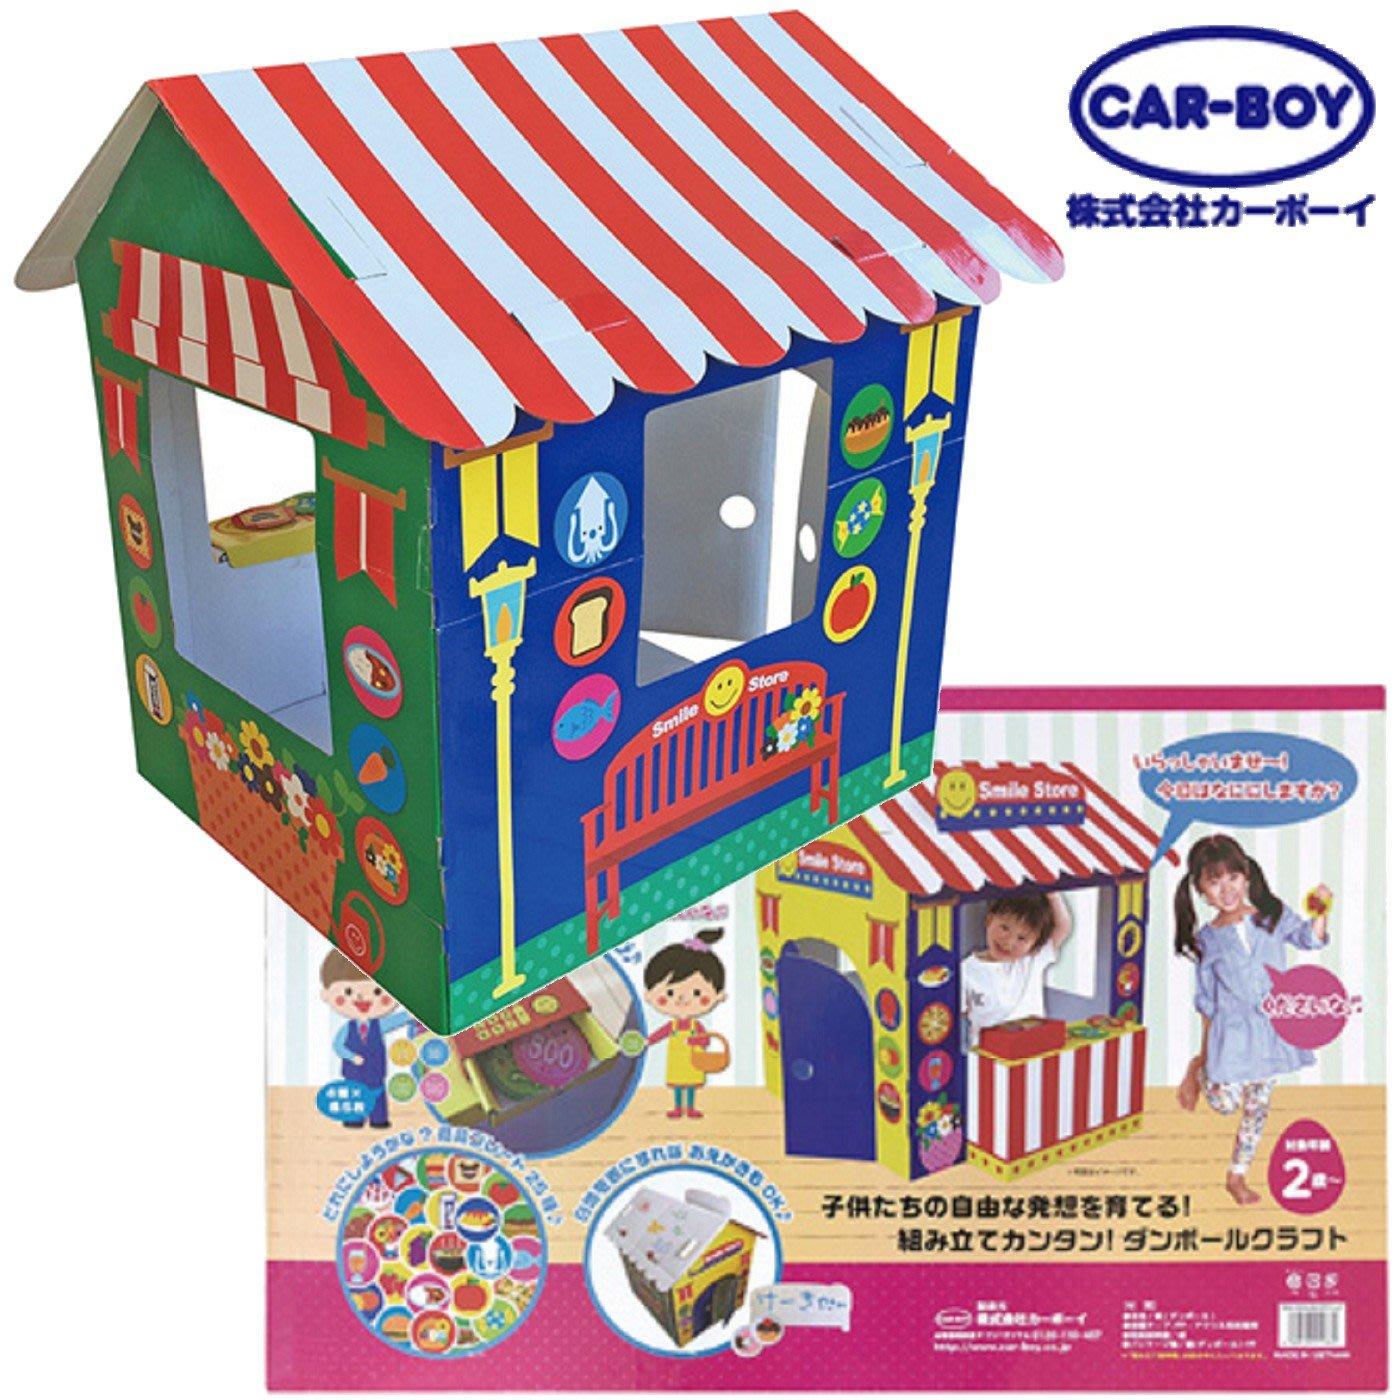 日本CAR-BOY 微笑商店-家家酒遊戲Ⅱ §小豆芽§ 日本CAR-BOY 微笑商店-家家酒遊戲Ⅱ